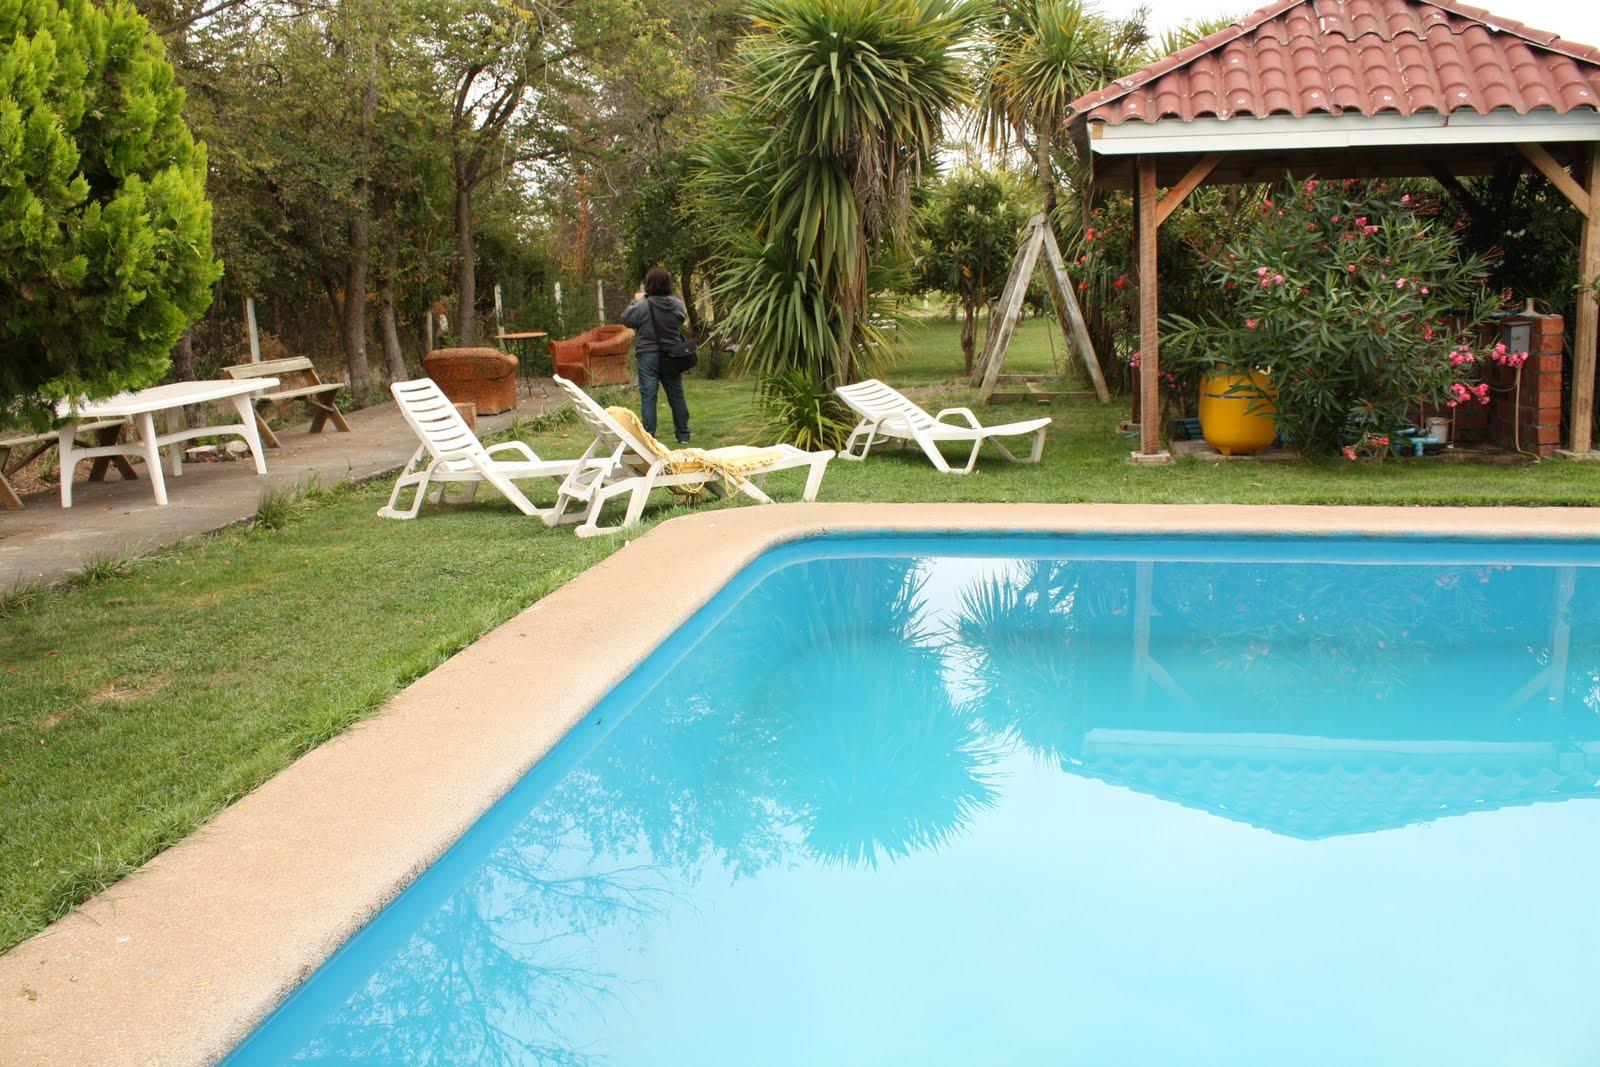 Caba as turismo tierra hermosa quillon caba as piscina restaurant criollo campo - Piscinas en el campo ...